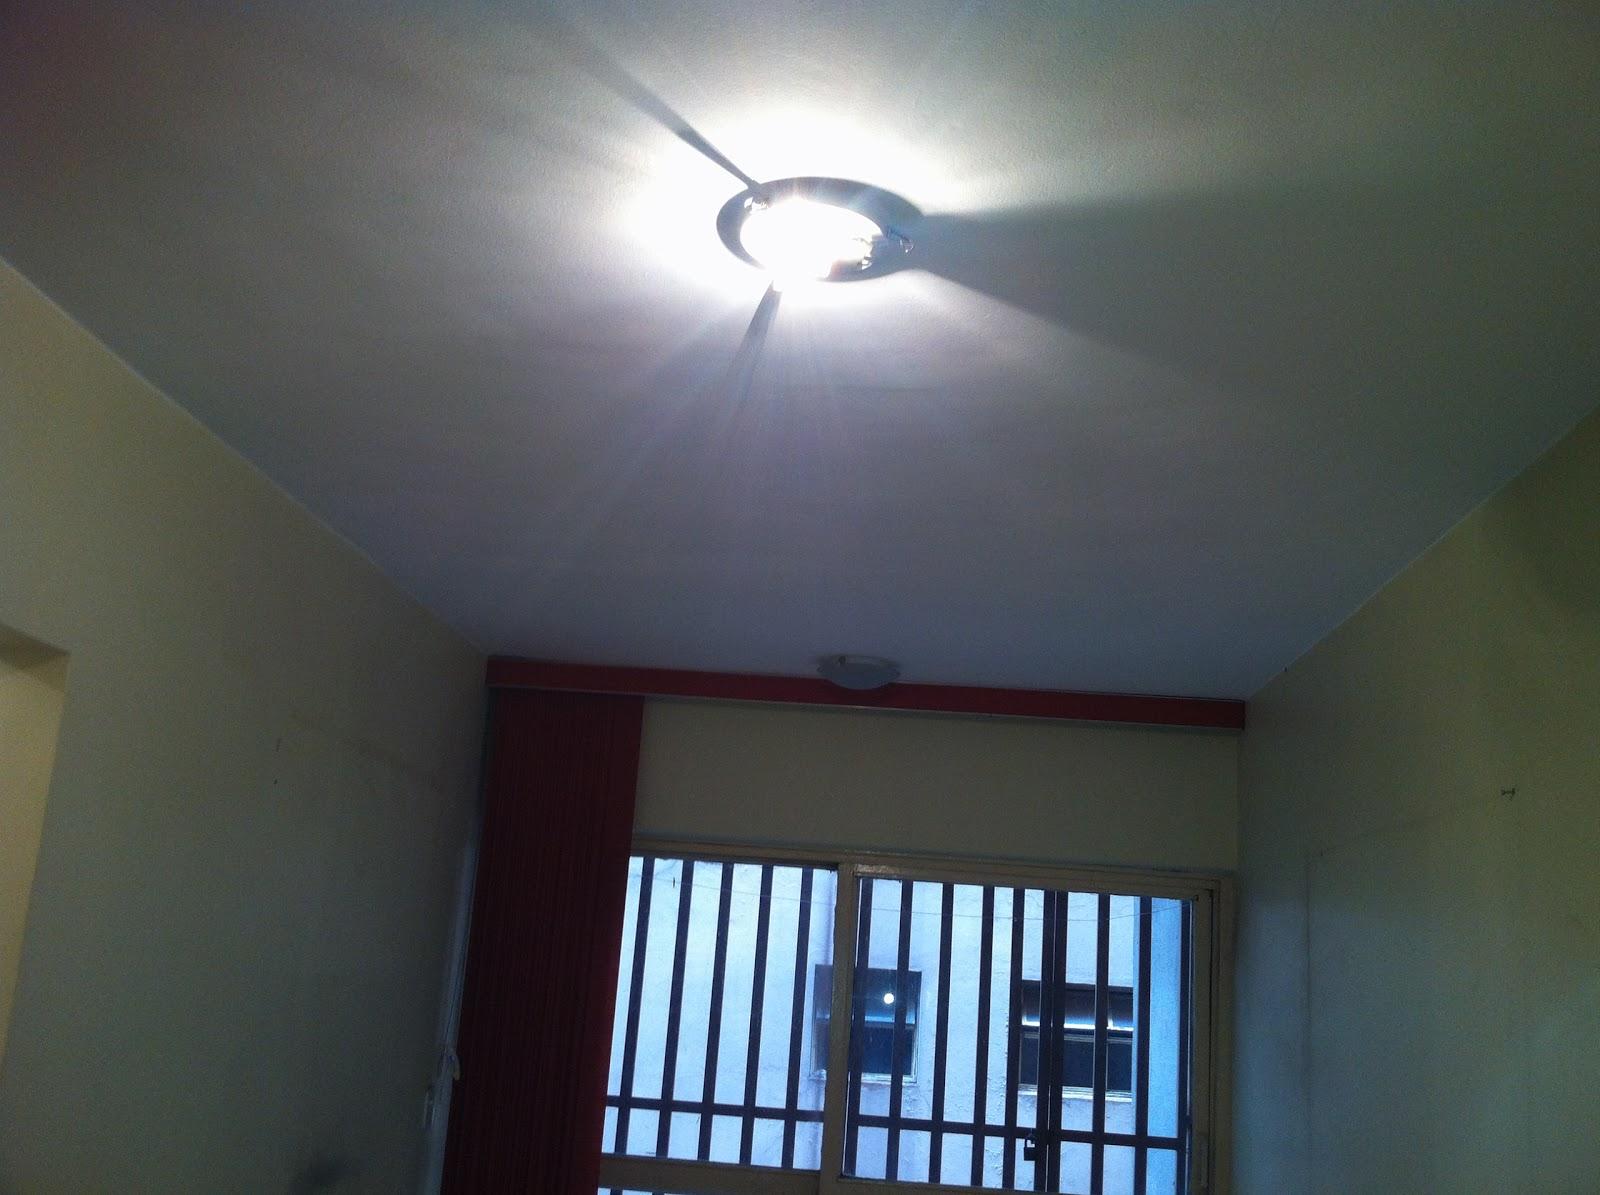 Reforma:: O teto: Gesso acartonado na sala e Gesso verde no banheiro #166FB5 1600x1195 Banheiro Com Gesso Acartonado